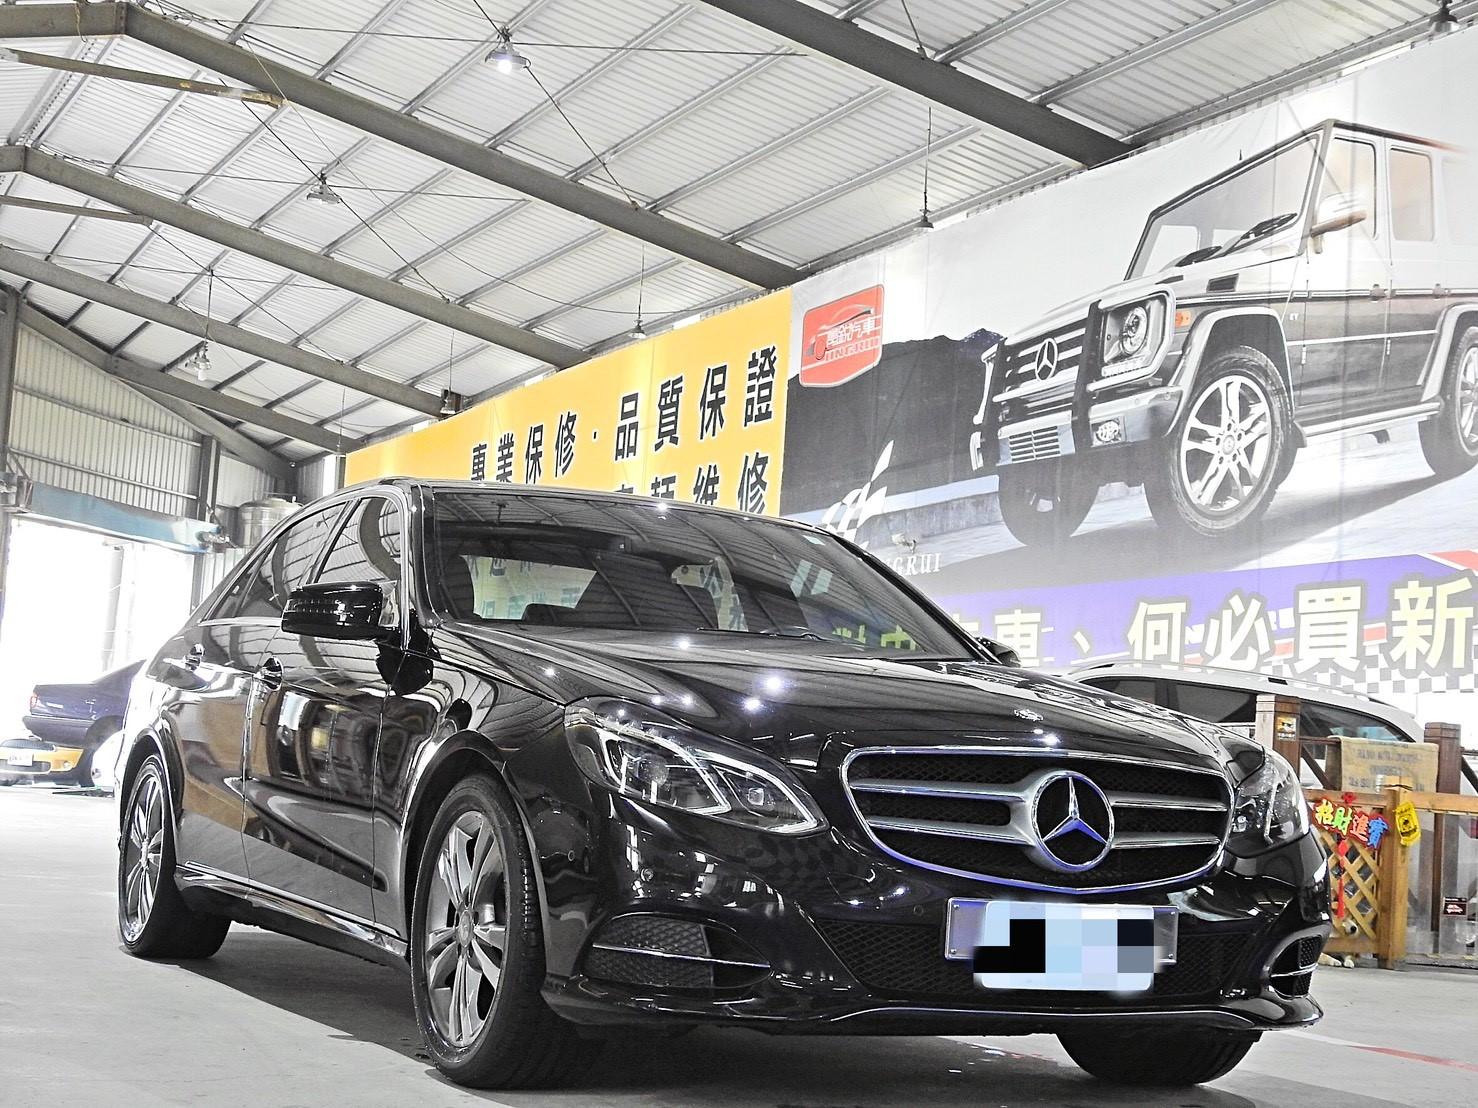 2013 M-Benz 賓士 E-class